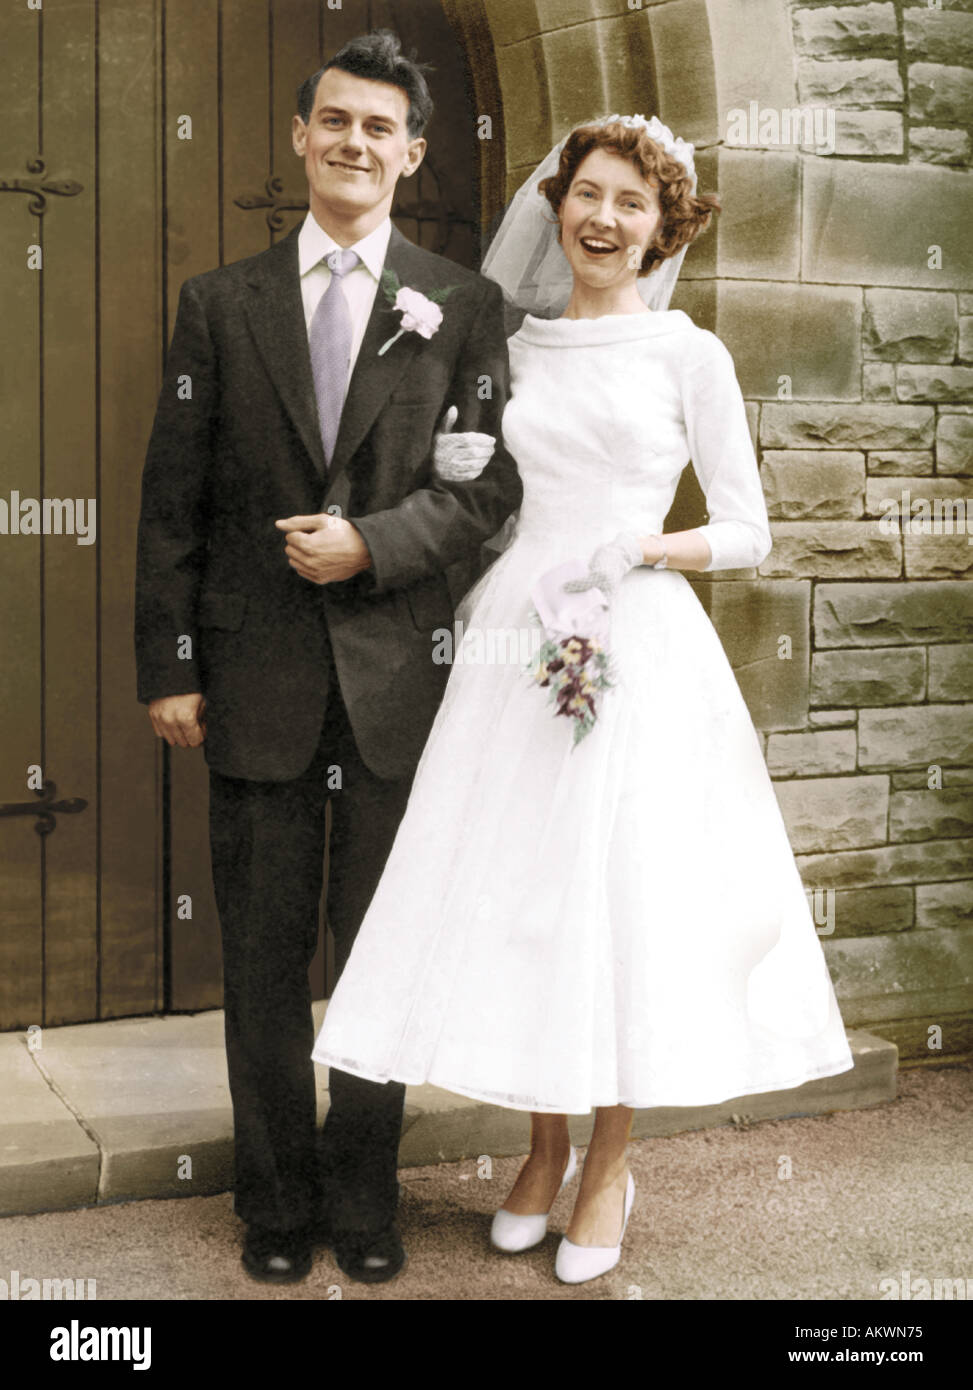 Pareja joven 1960 casarse en blanco y negro coloreado a mano foto Imagen De Stock